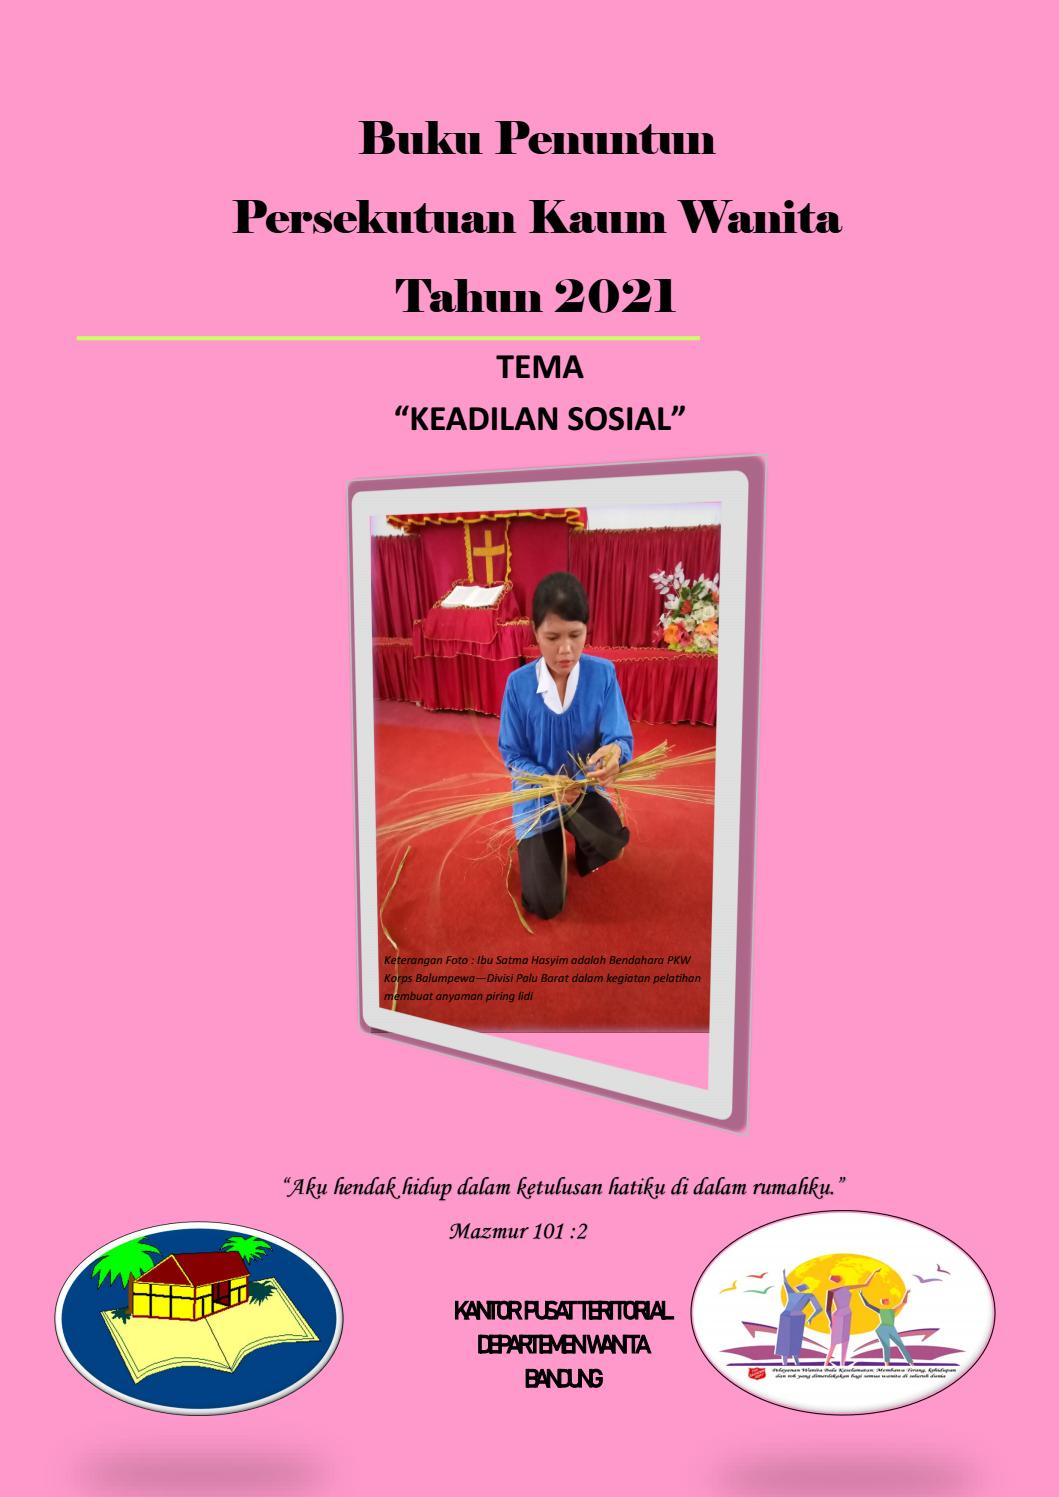 Buku Penuntun Persekutuan Kaum Wanita Juli Dec 2021 By Bala Keselamatan Issuu